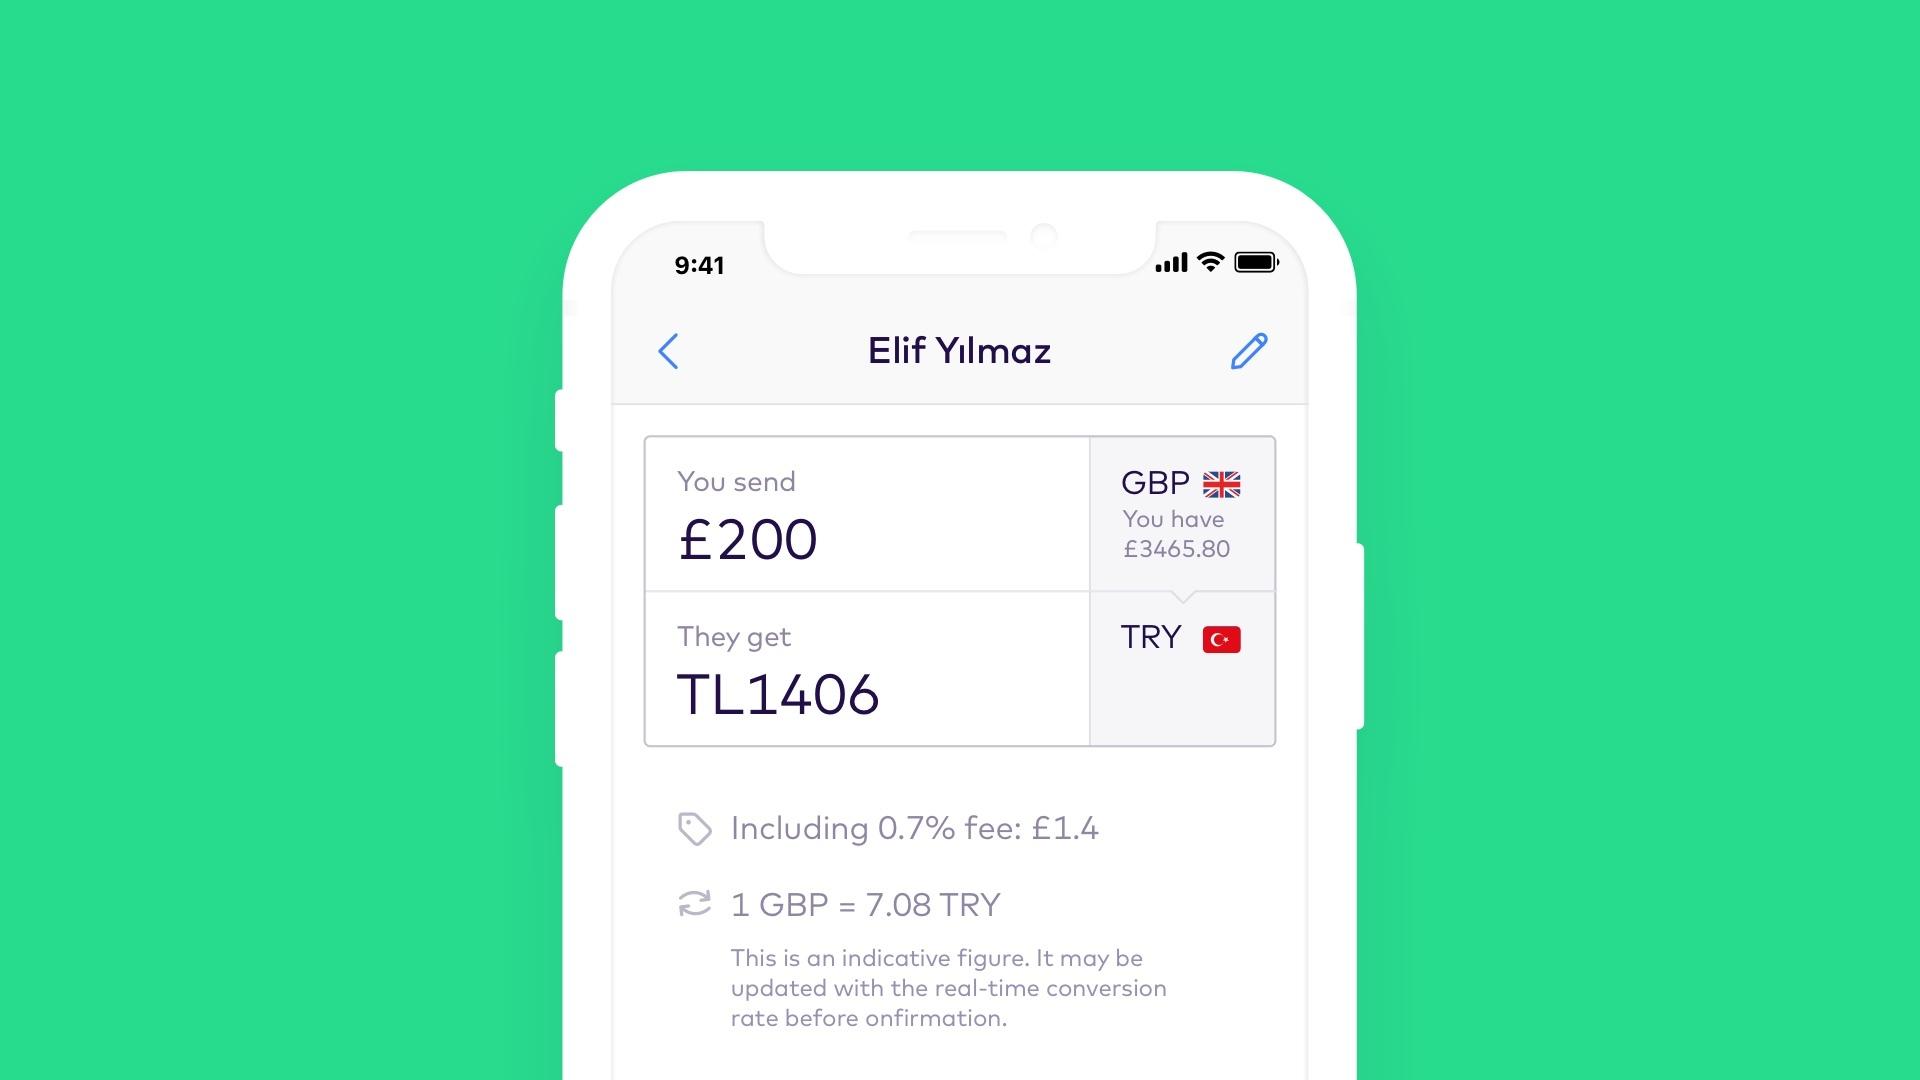 How To Send Money Turkey Monese